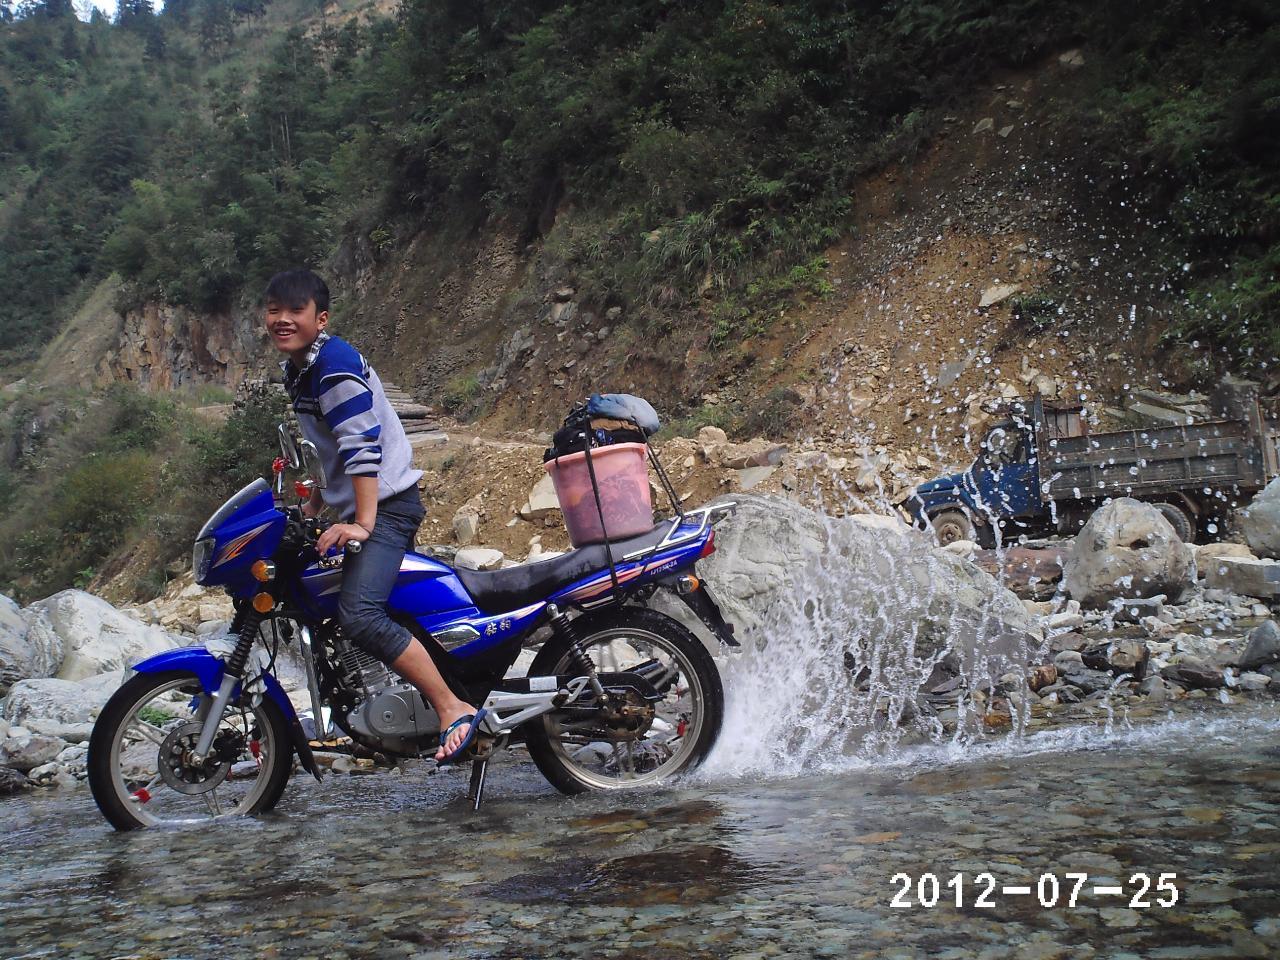 加模1摩托�友游�!